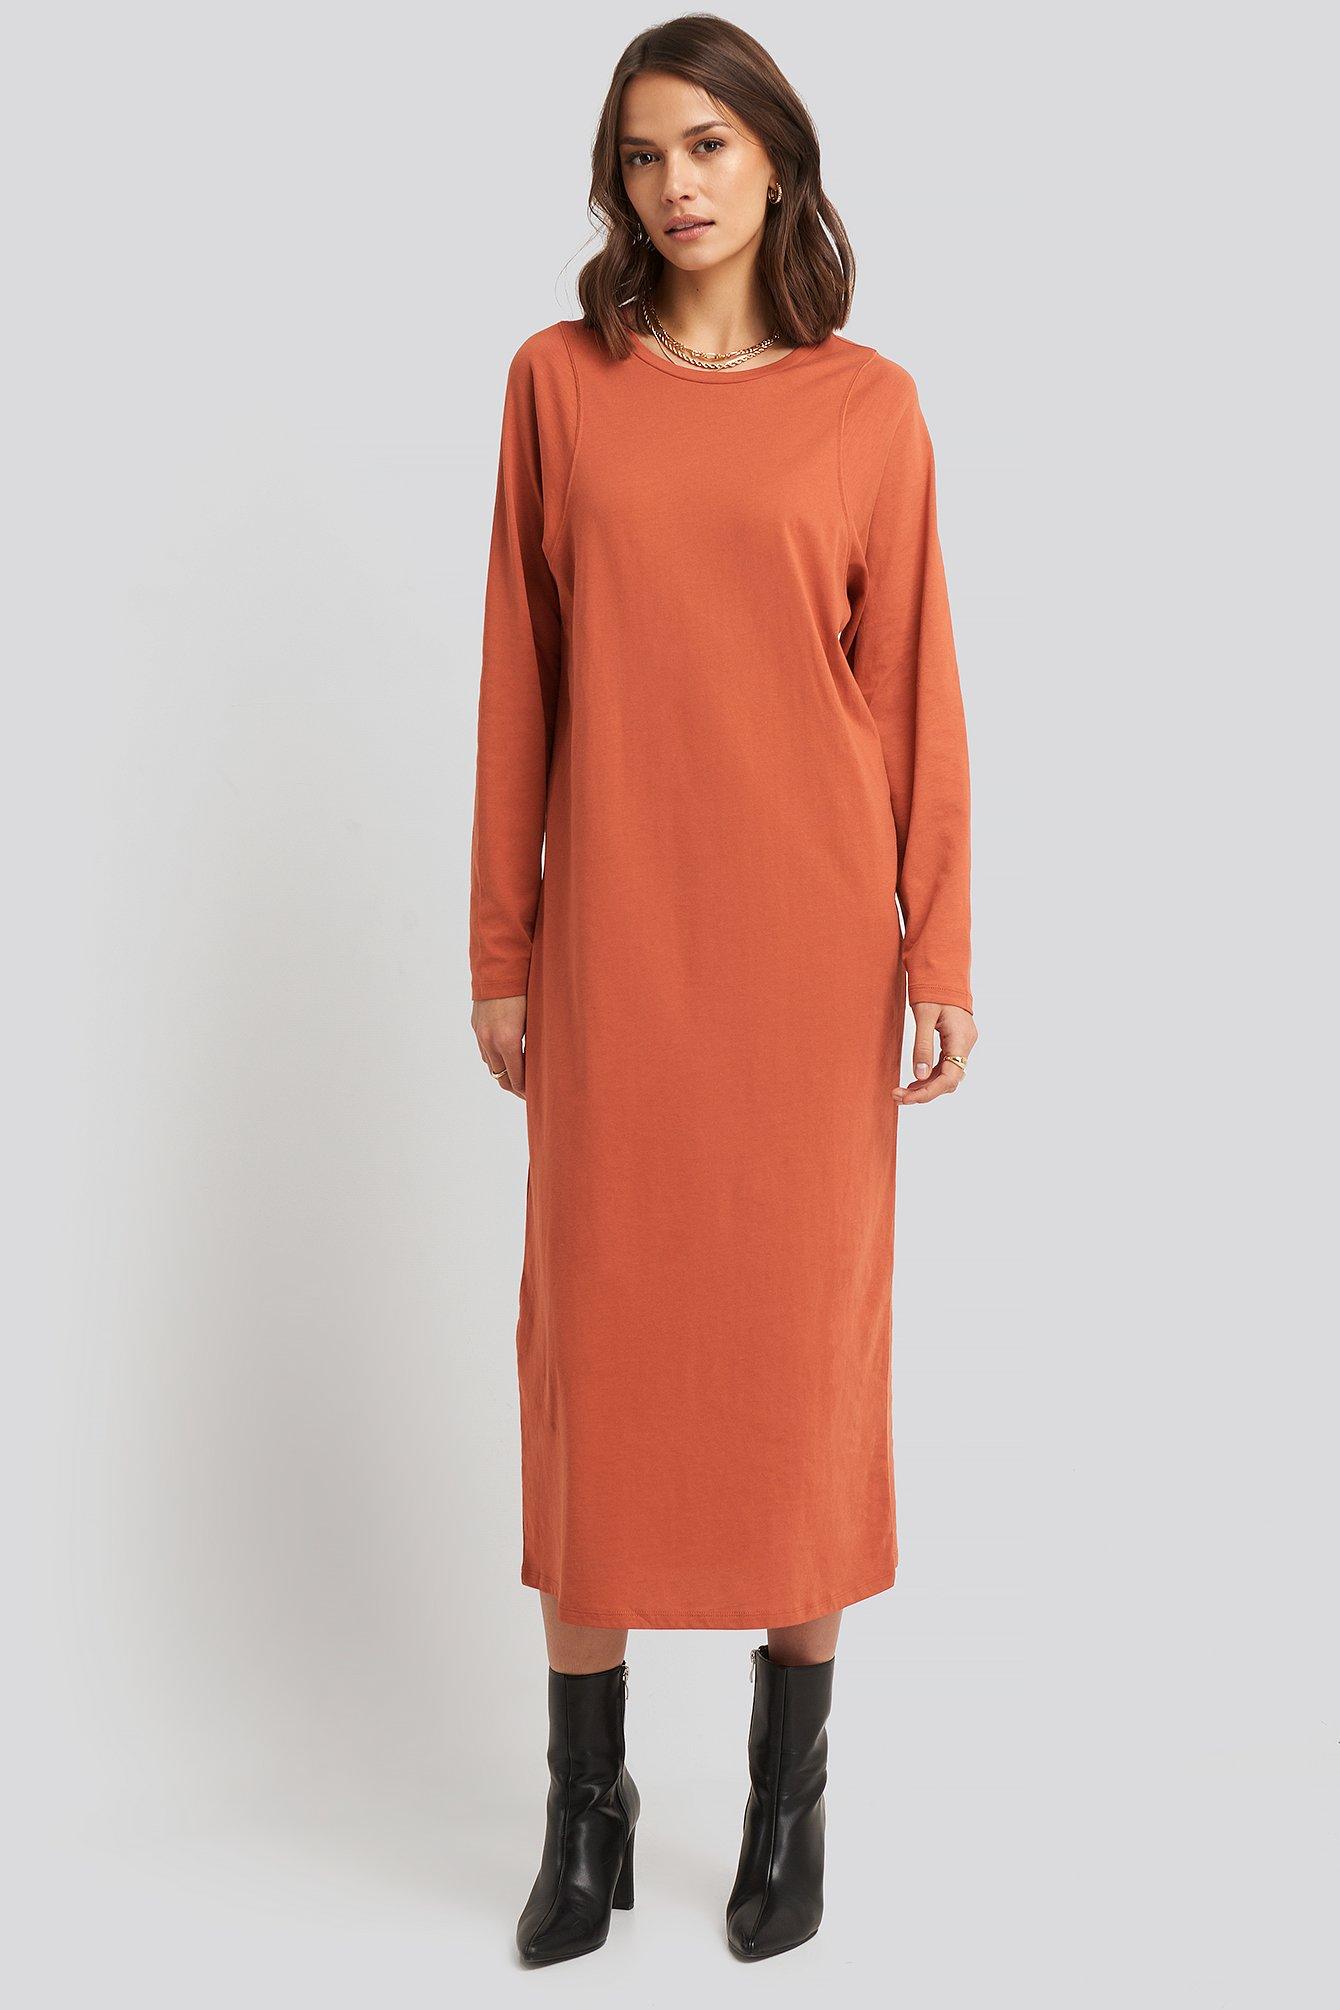 NA-KD Basic Seam Detail Long Sleeve T-shirt Dress - Orange